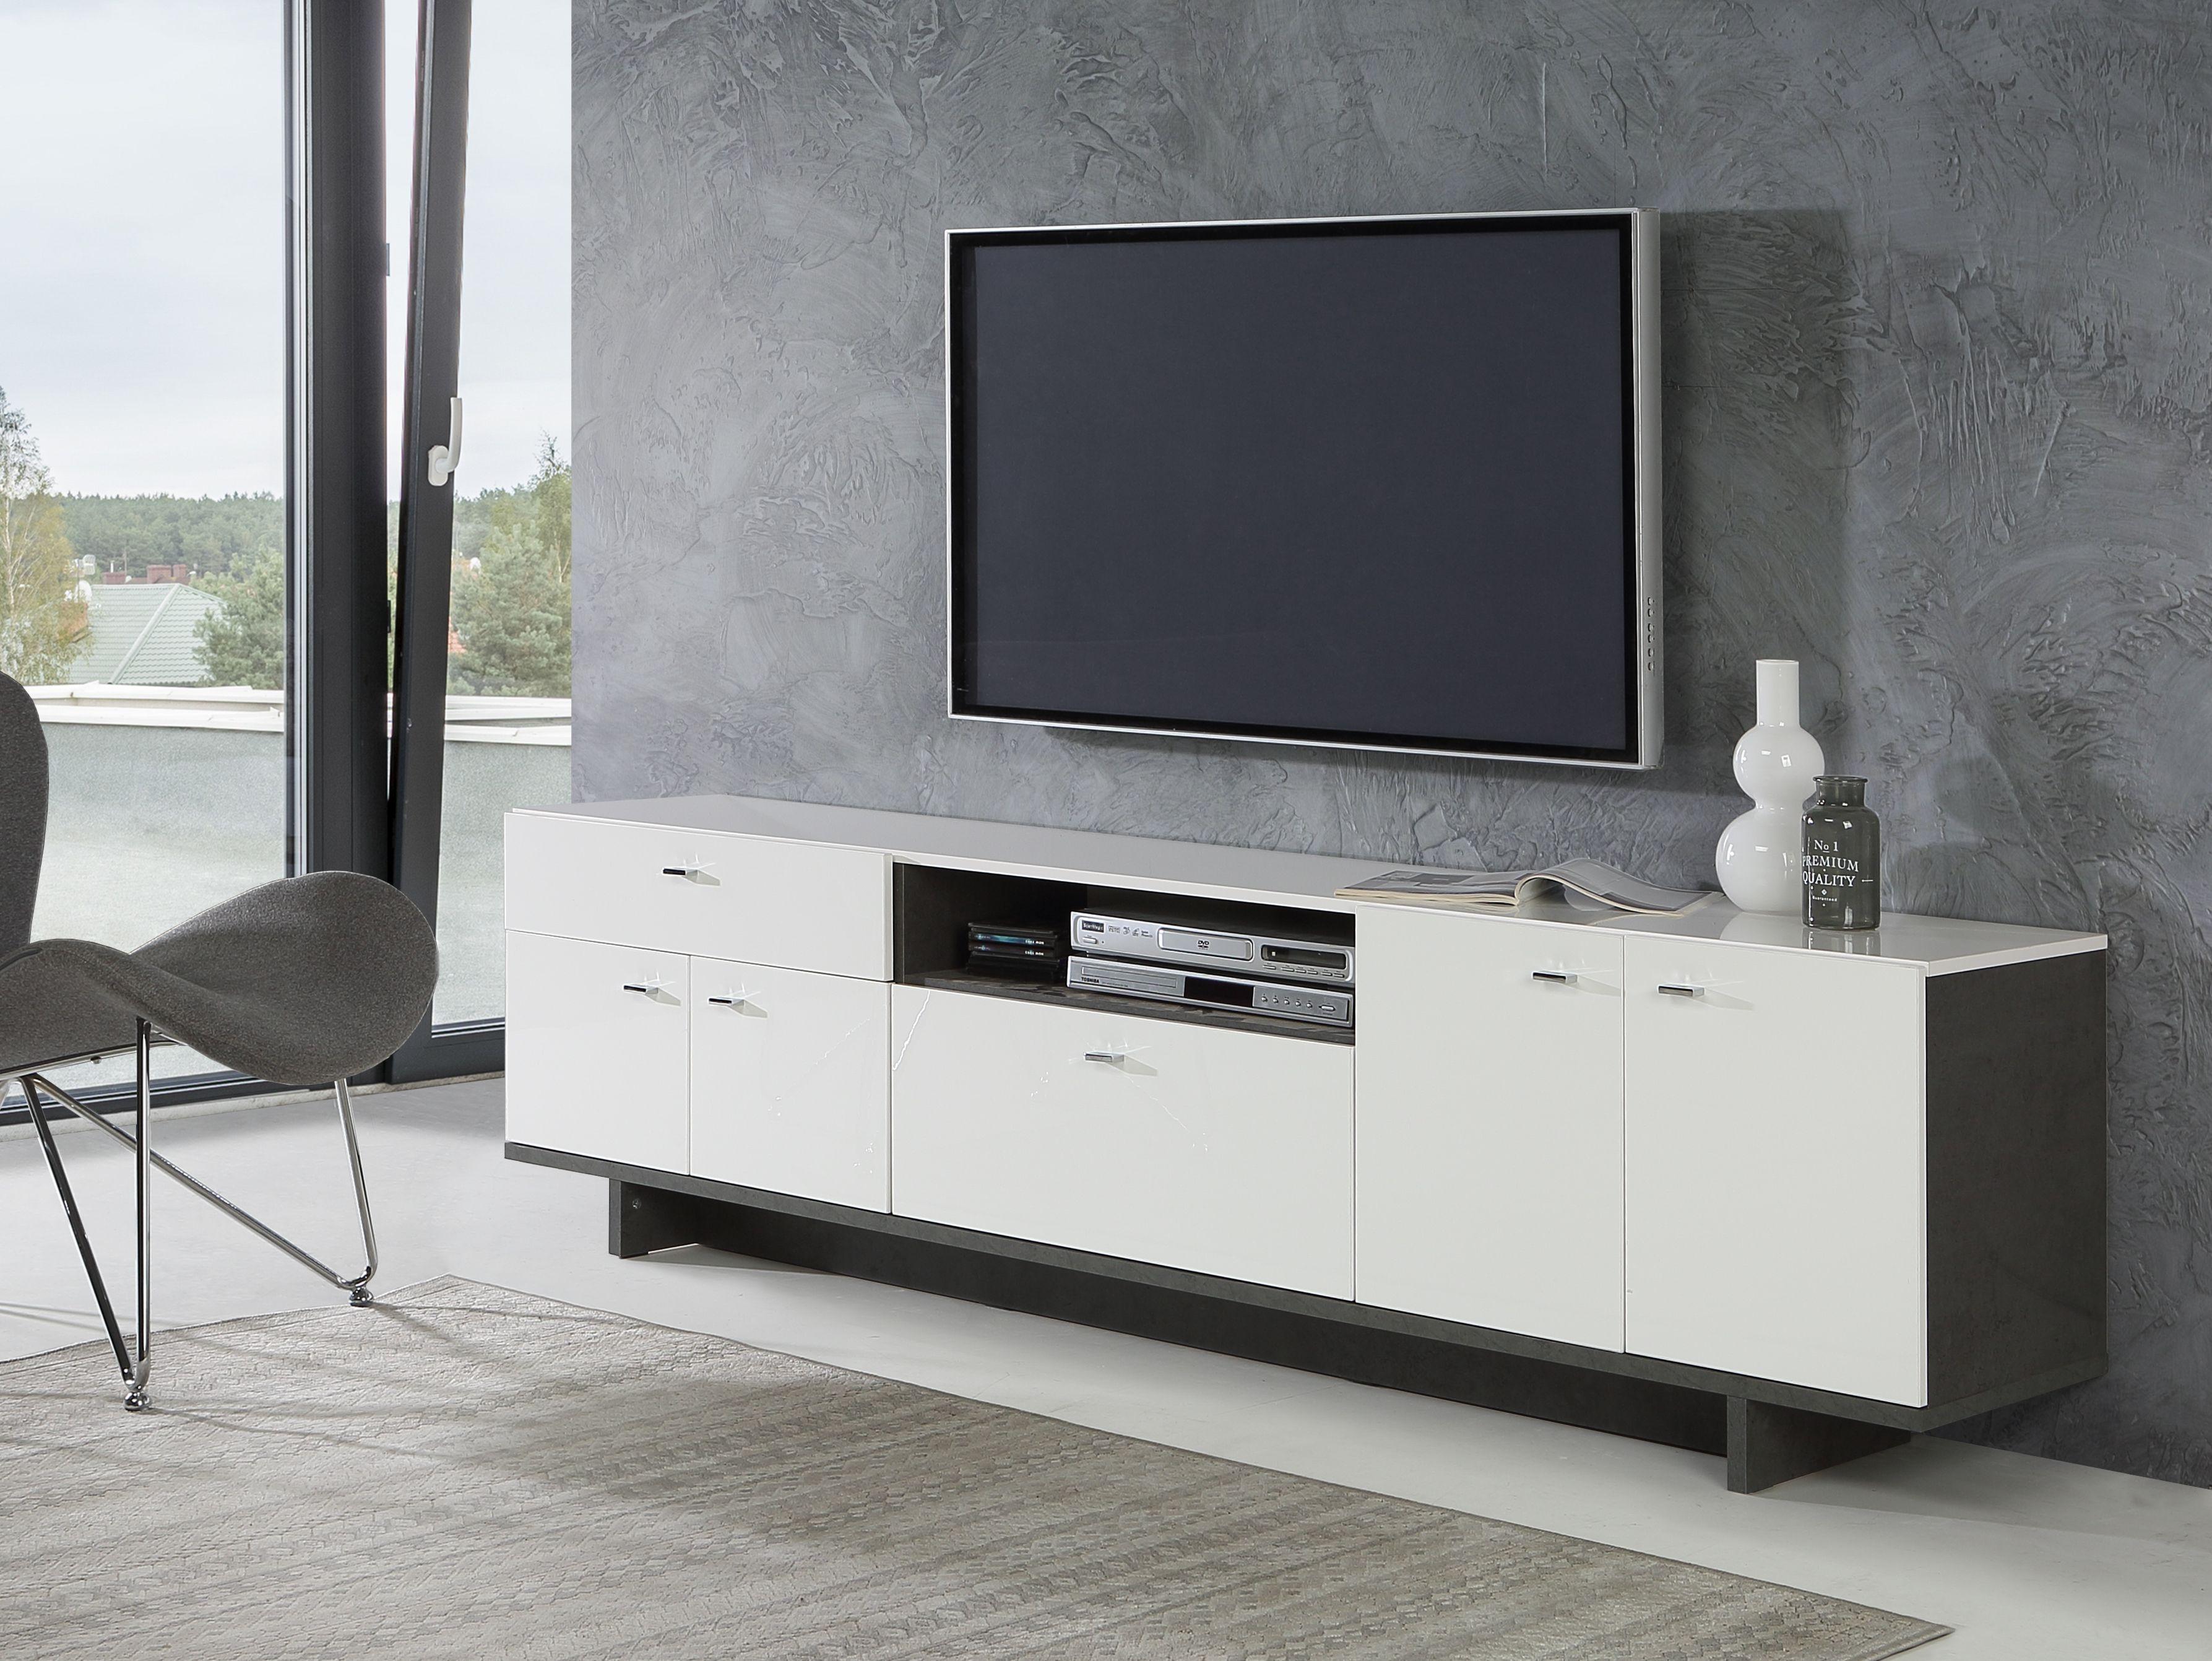 Tv Lowboard Ca 209 Cm Breit Makaria Von Forte Beton Weiss